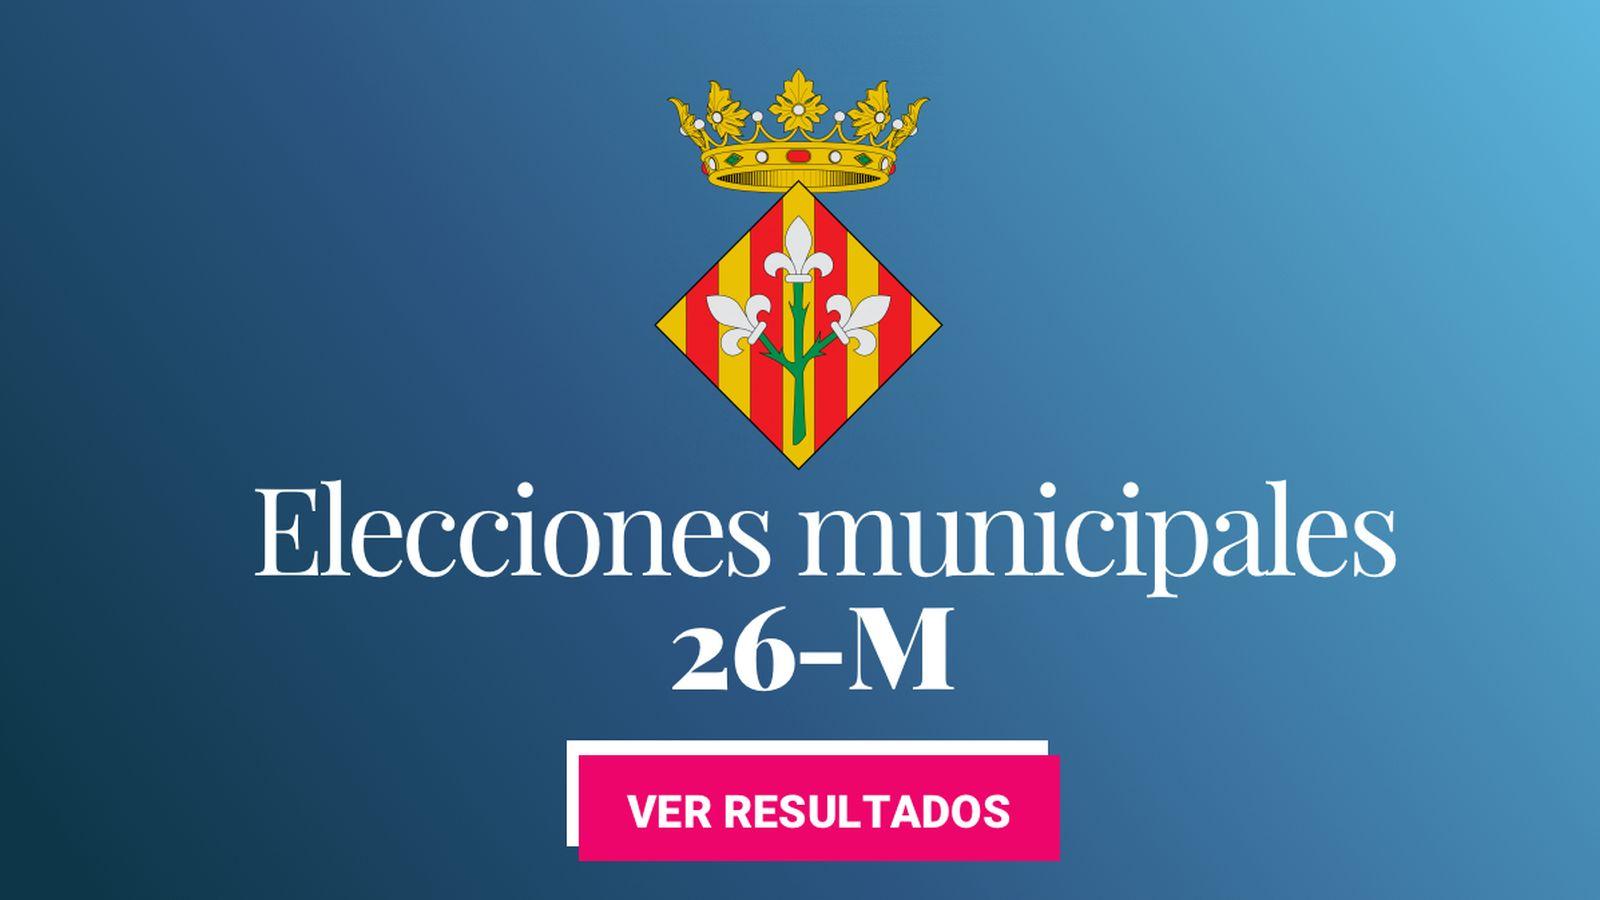 Foto: Elecciones municipales 2019 en Lleida. (C.C./EC)